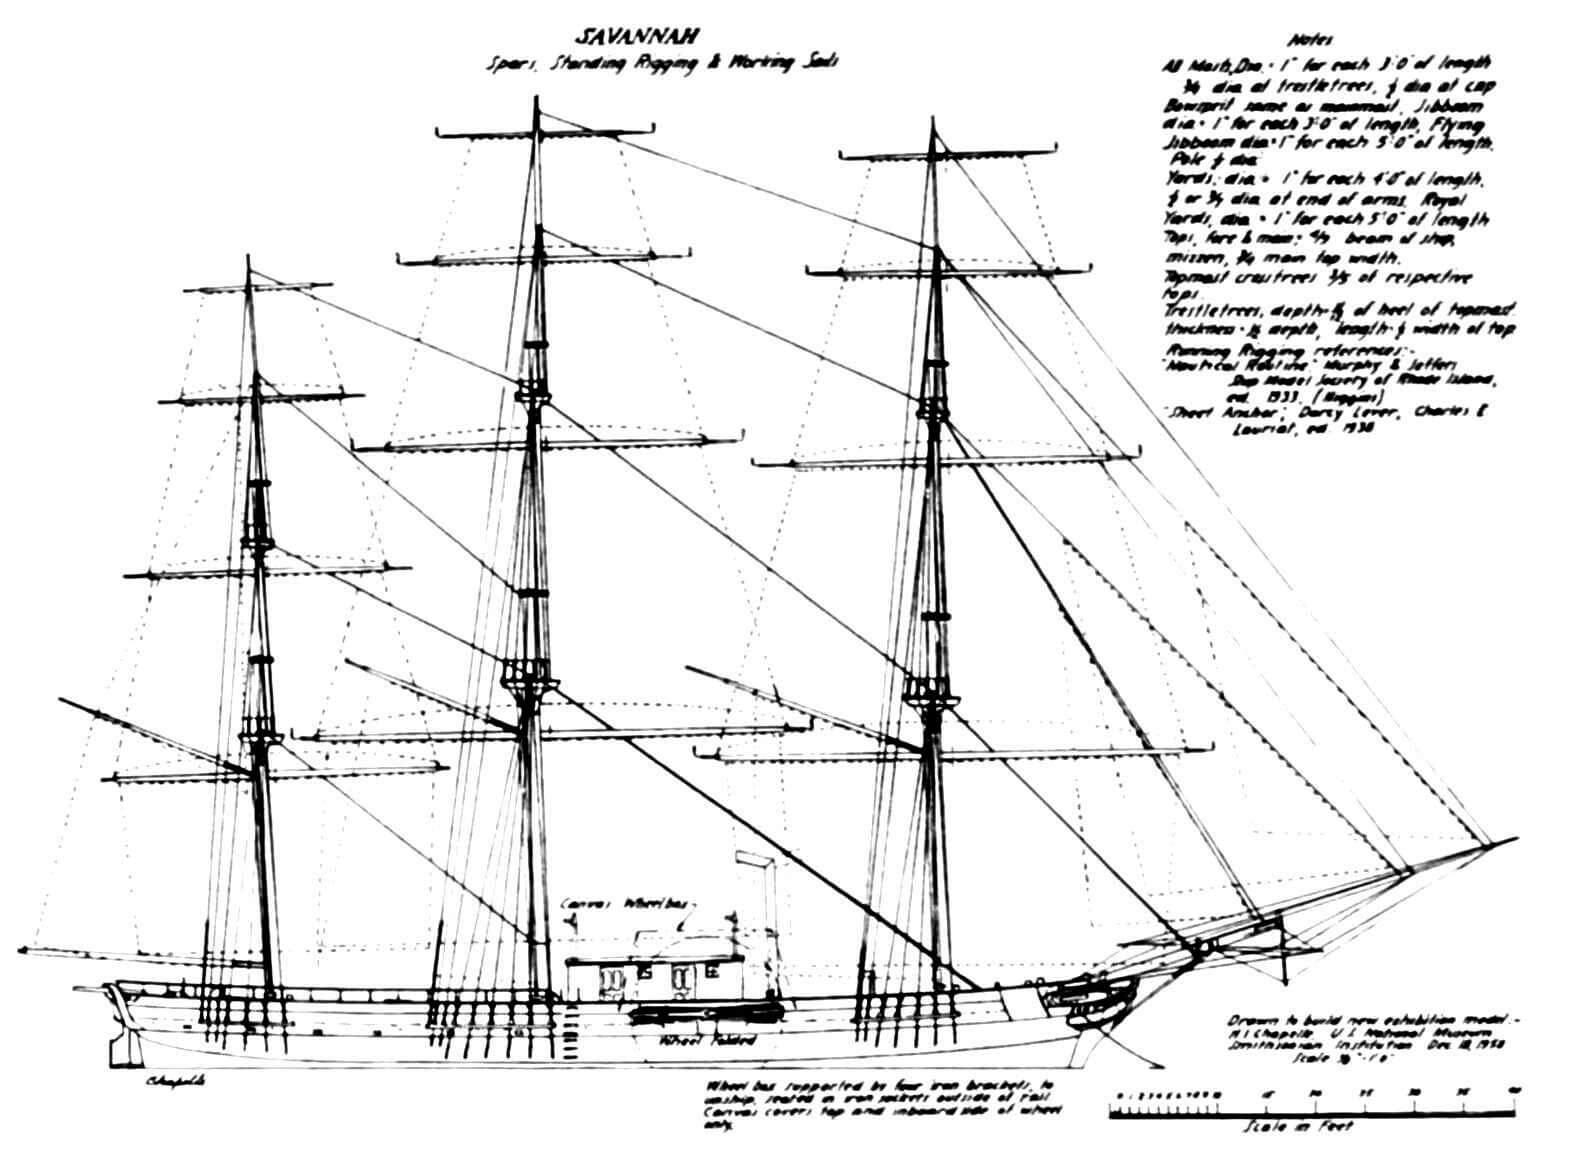 Пакетбот «Саванна»: вид сбоку и схема парусного вооружения